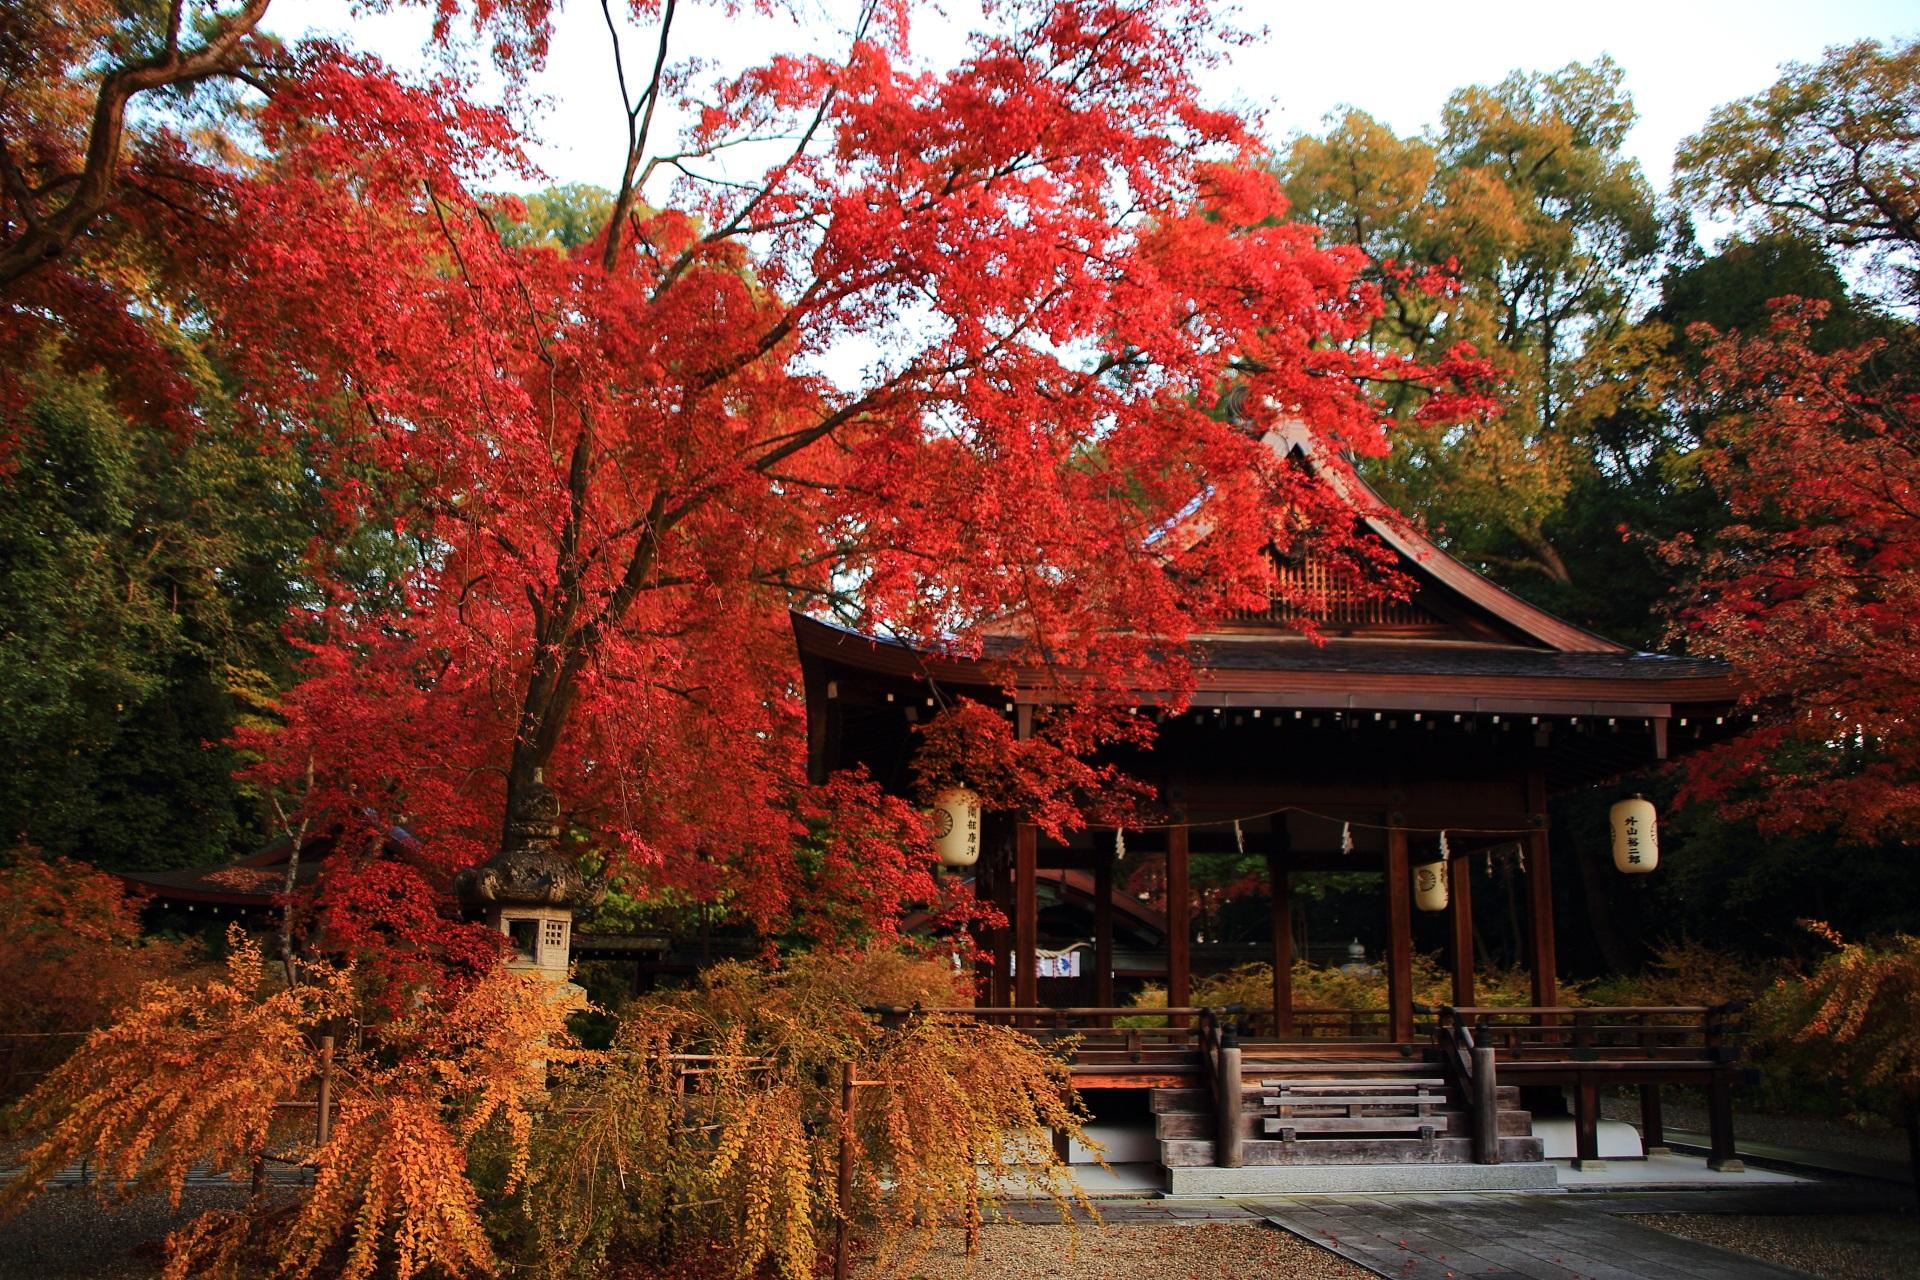 淡い朝日を浴びて煌く紅葉